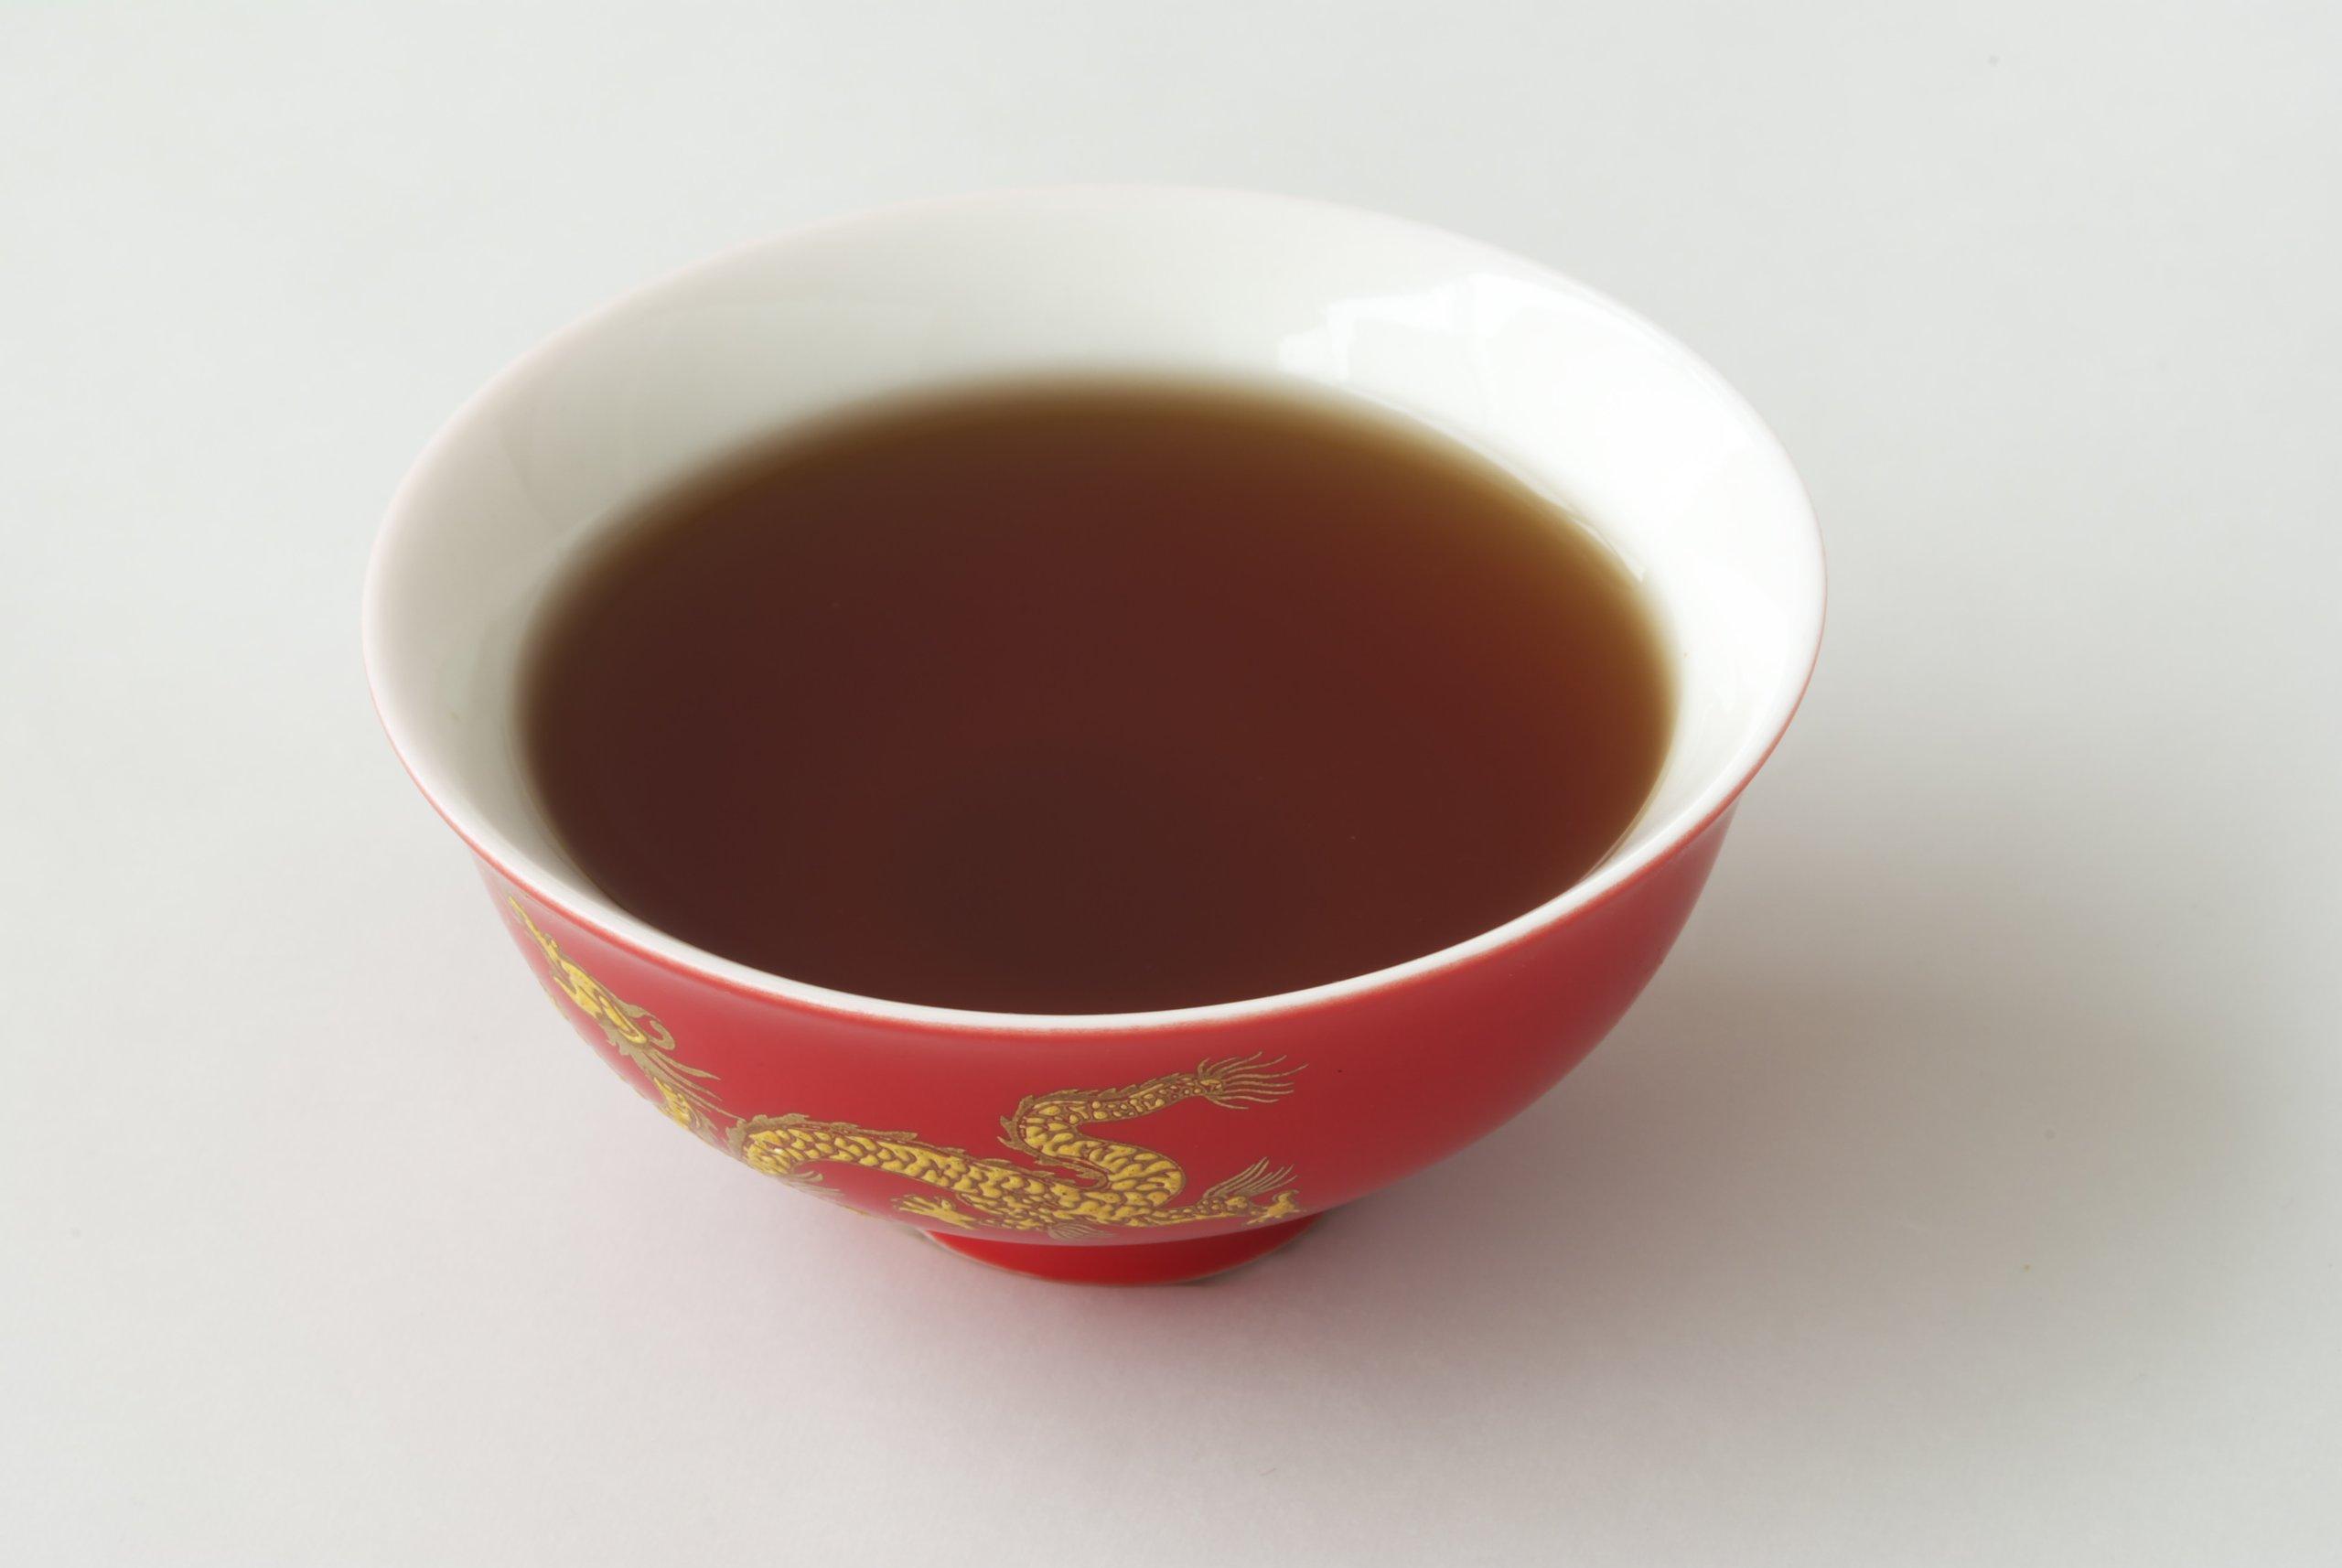 Yunnan Longrun Tribute Pu-erh Tea Cake -Diaoyutai (Year 2012,Fermented, 357g)(12.59oz)